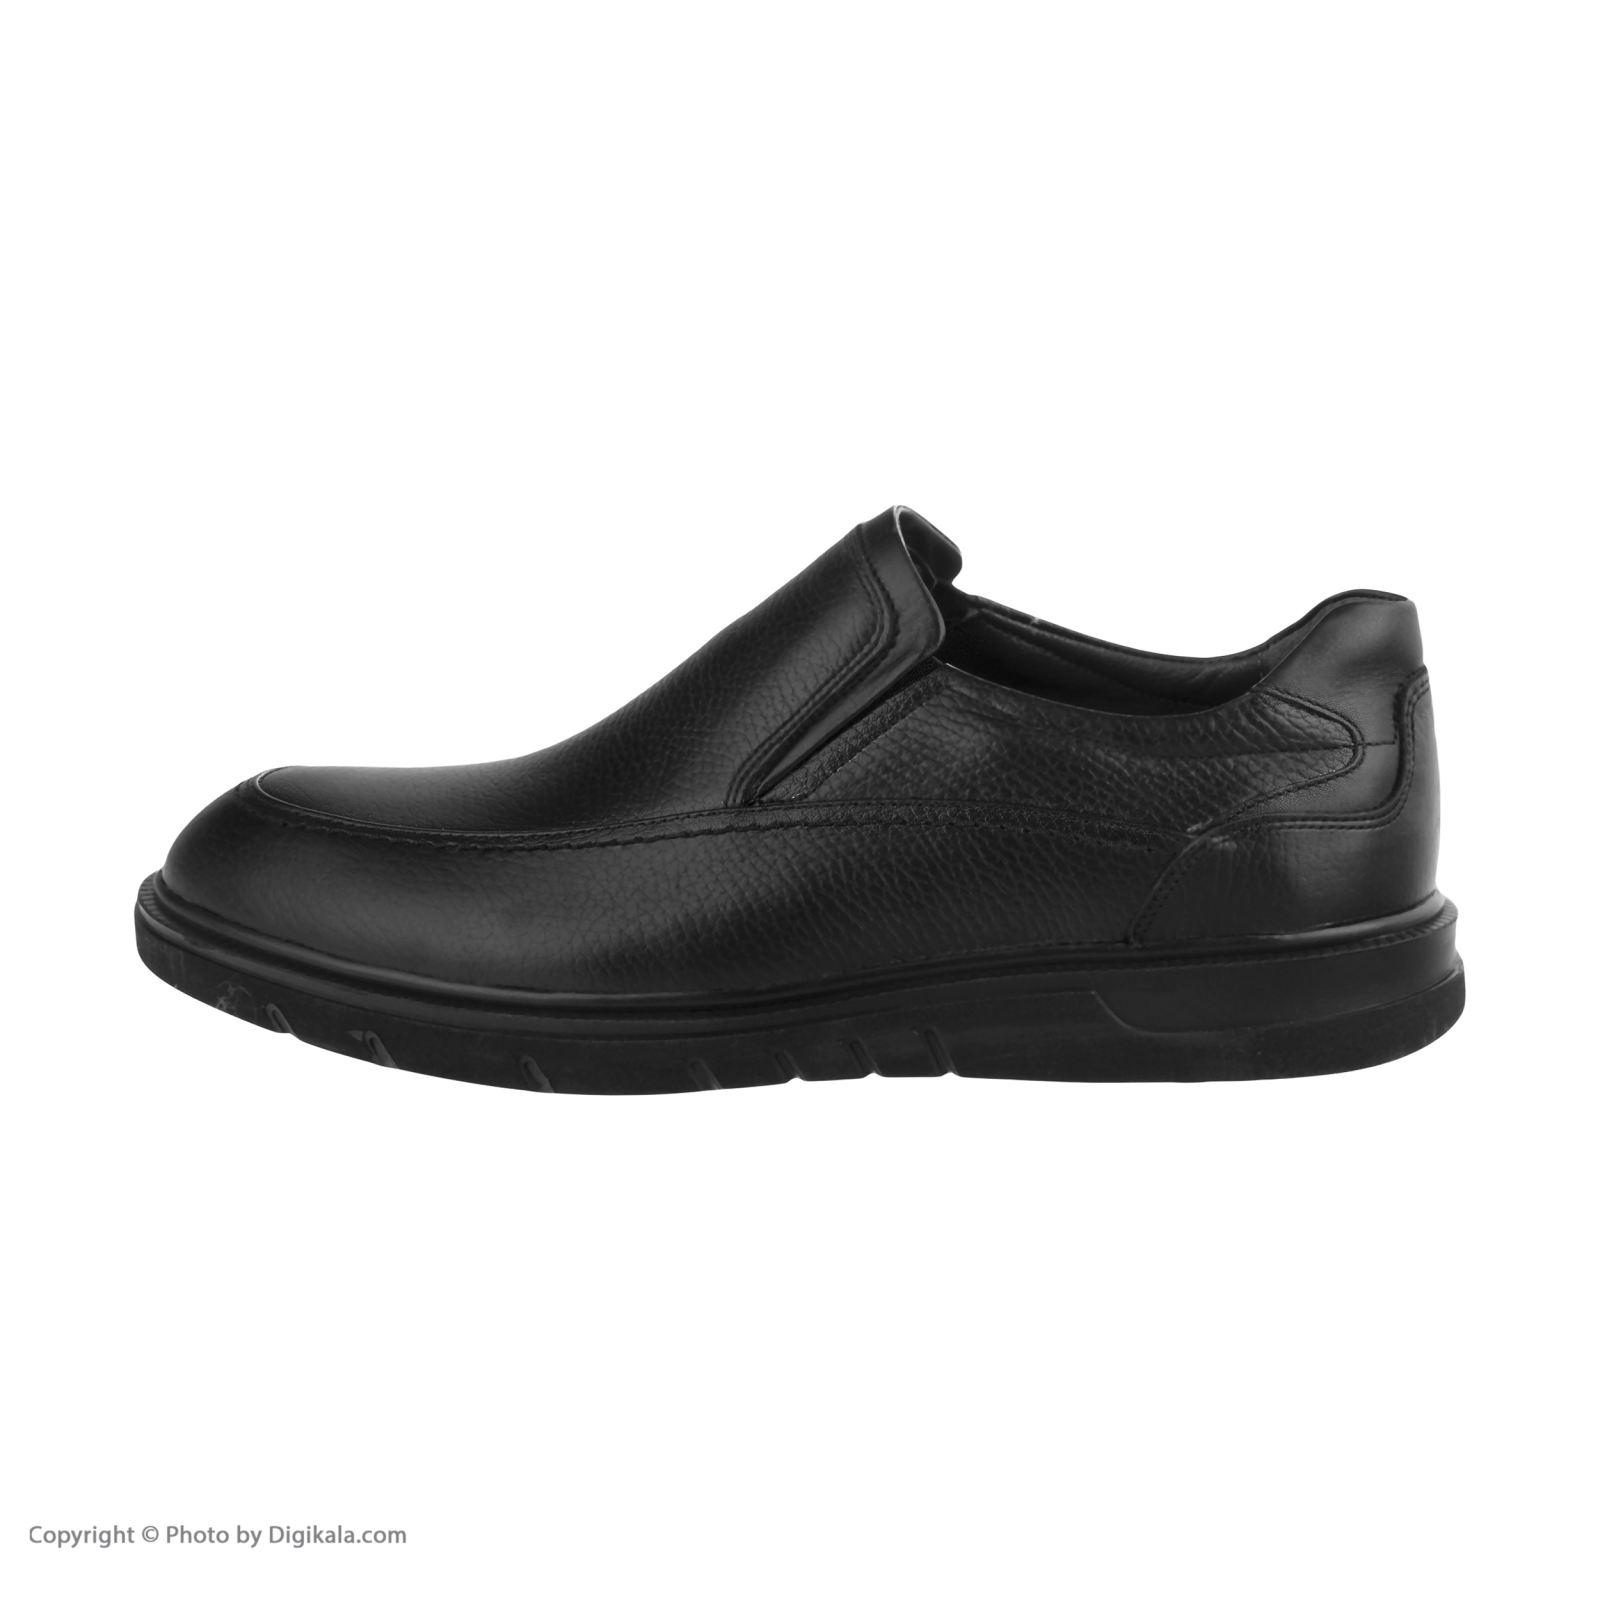 کفش روزمره مردانه سوته مدل 5018A503101 -  - 3